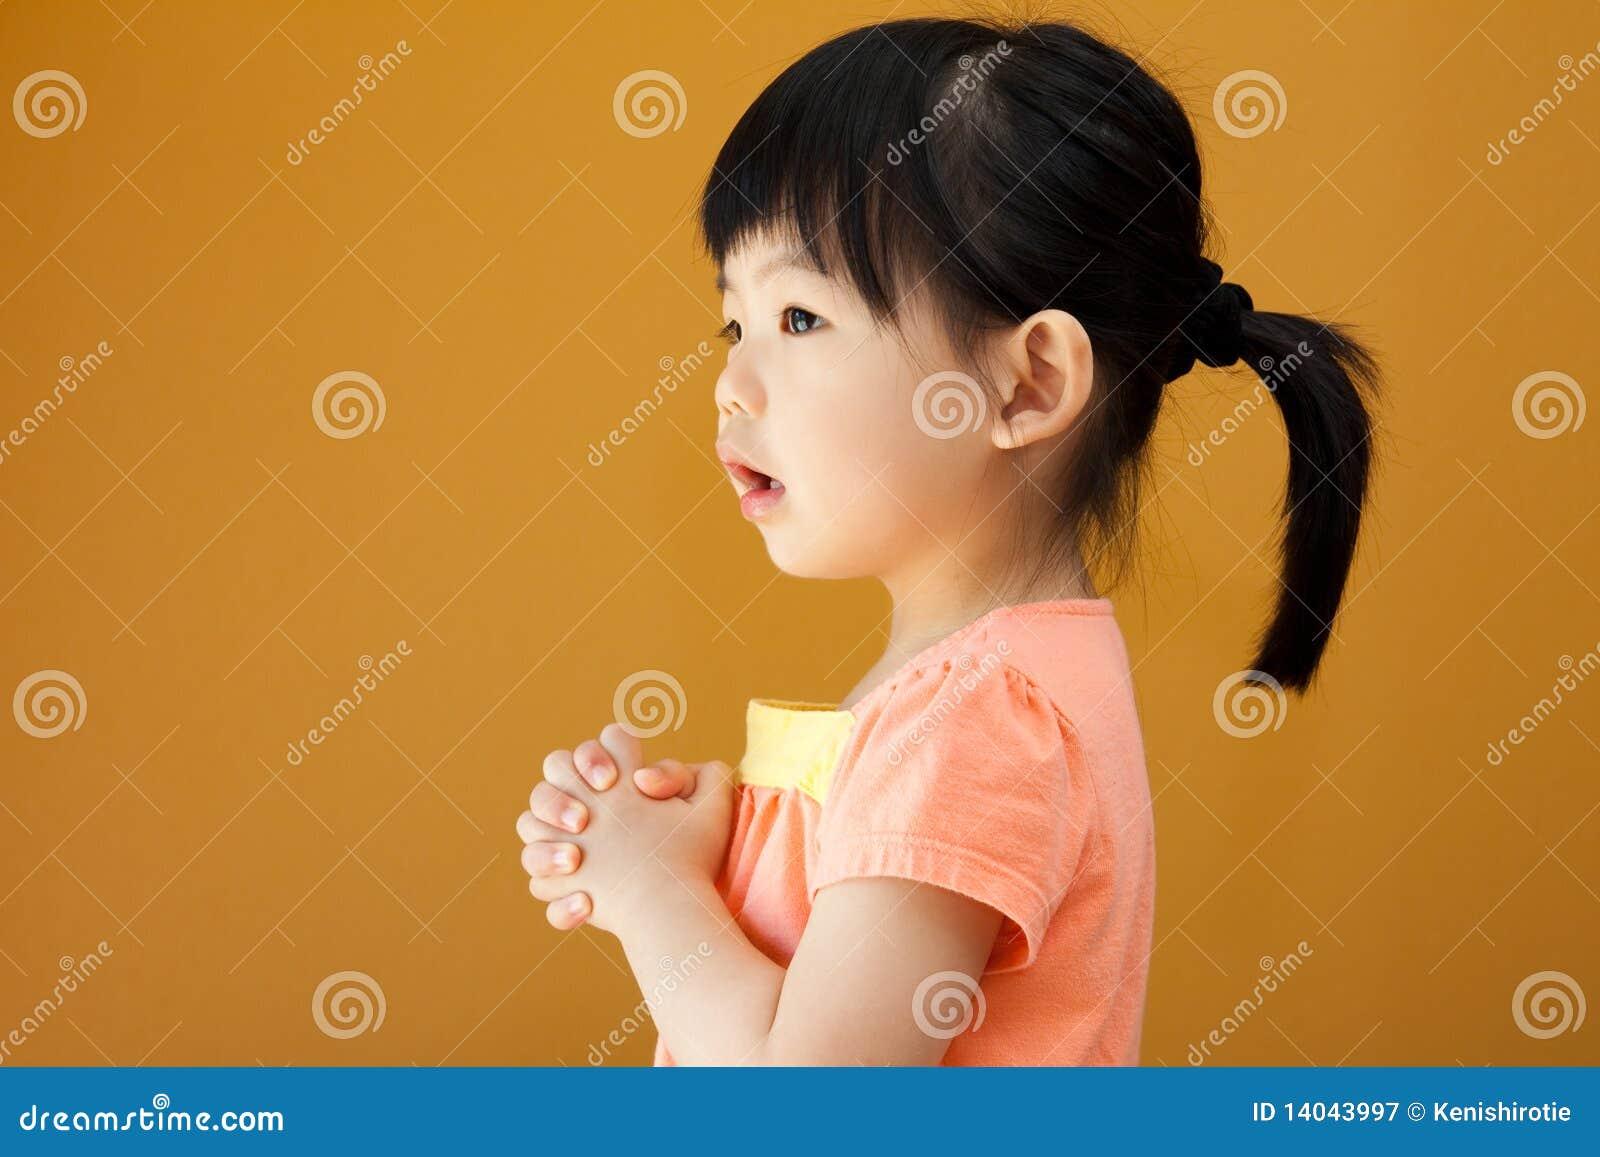 Фото маленькие азиатские девочки 9 фотография